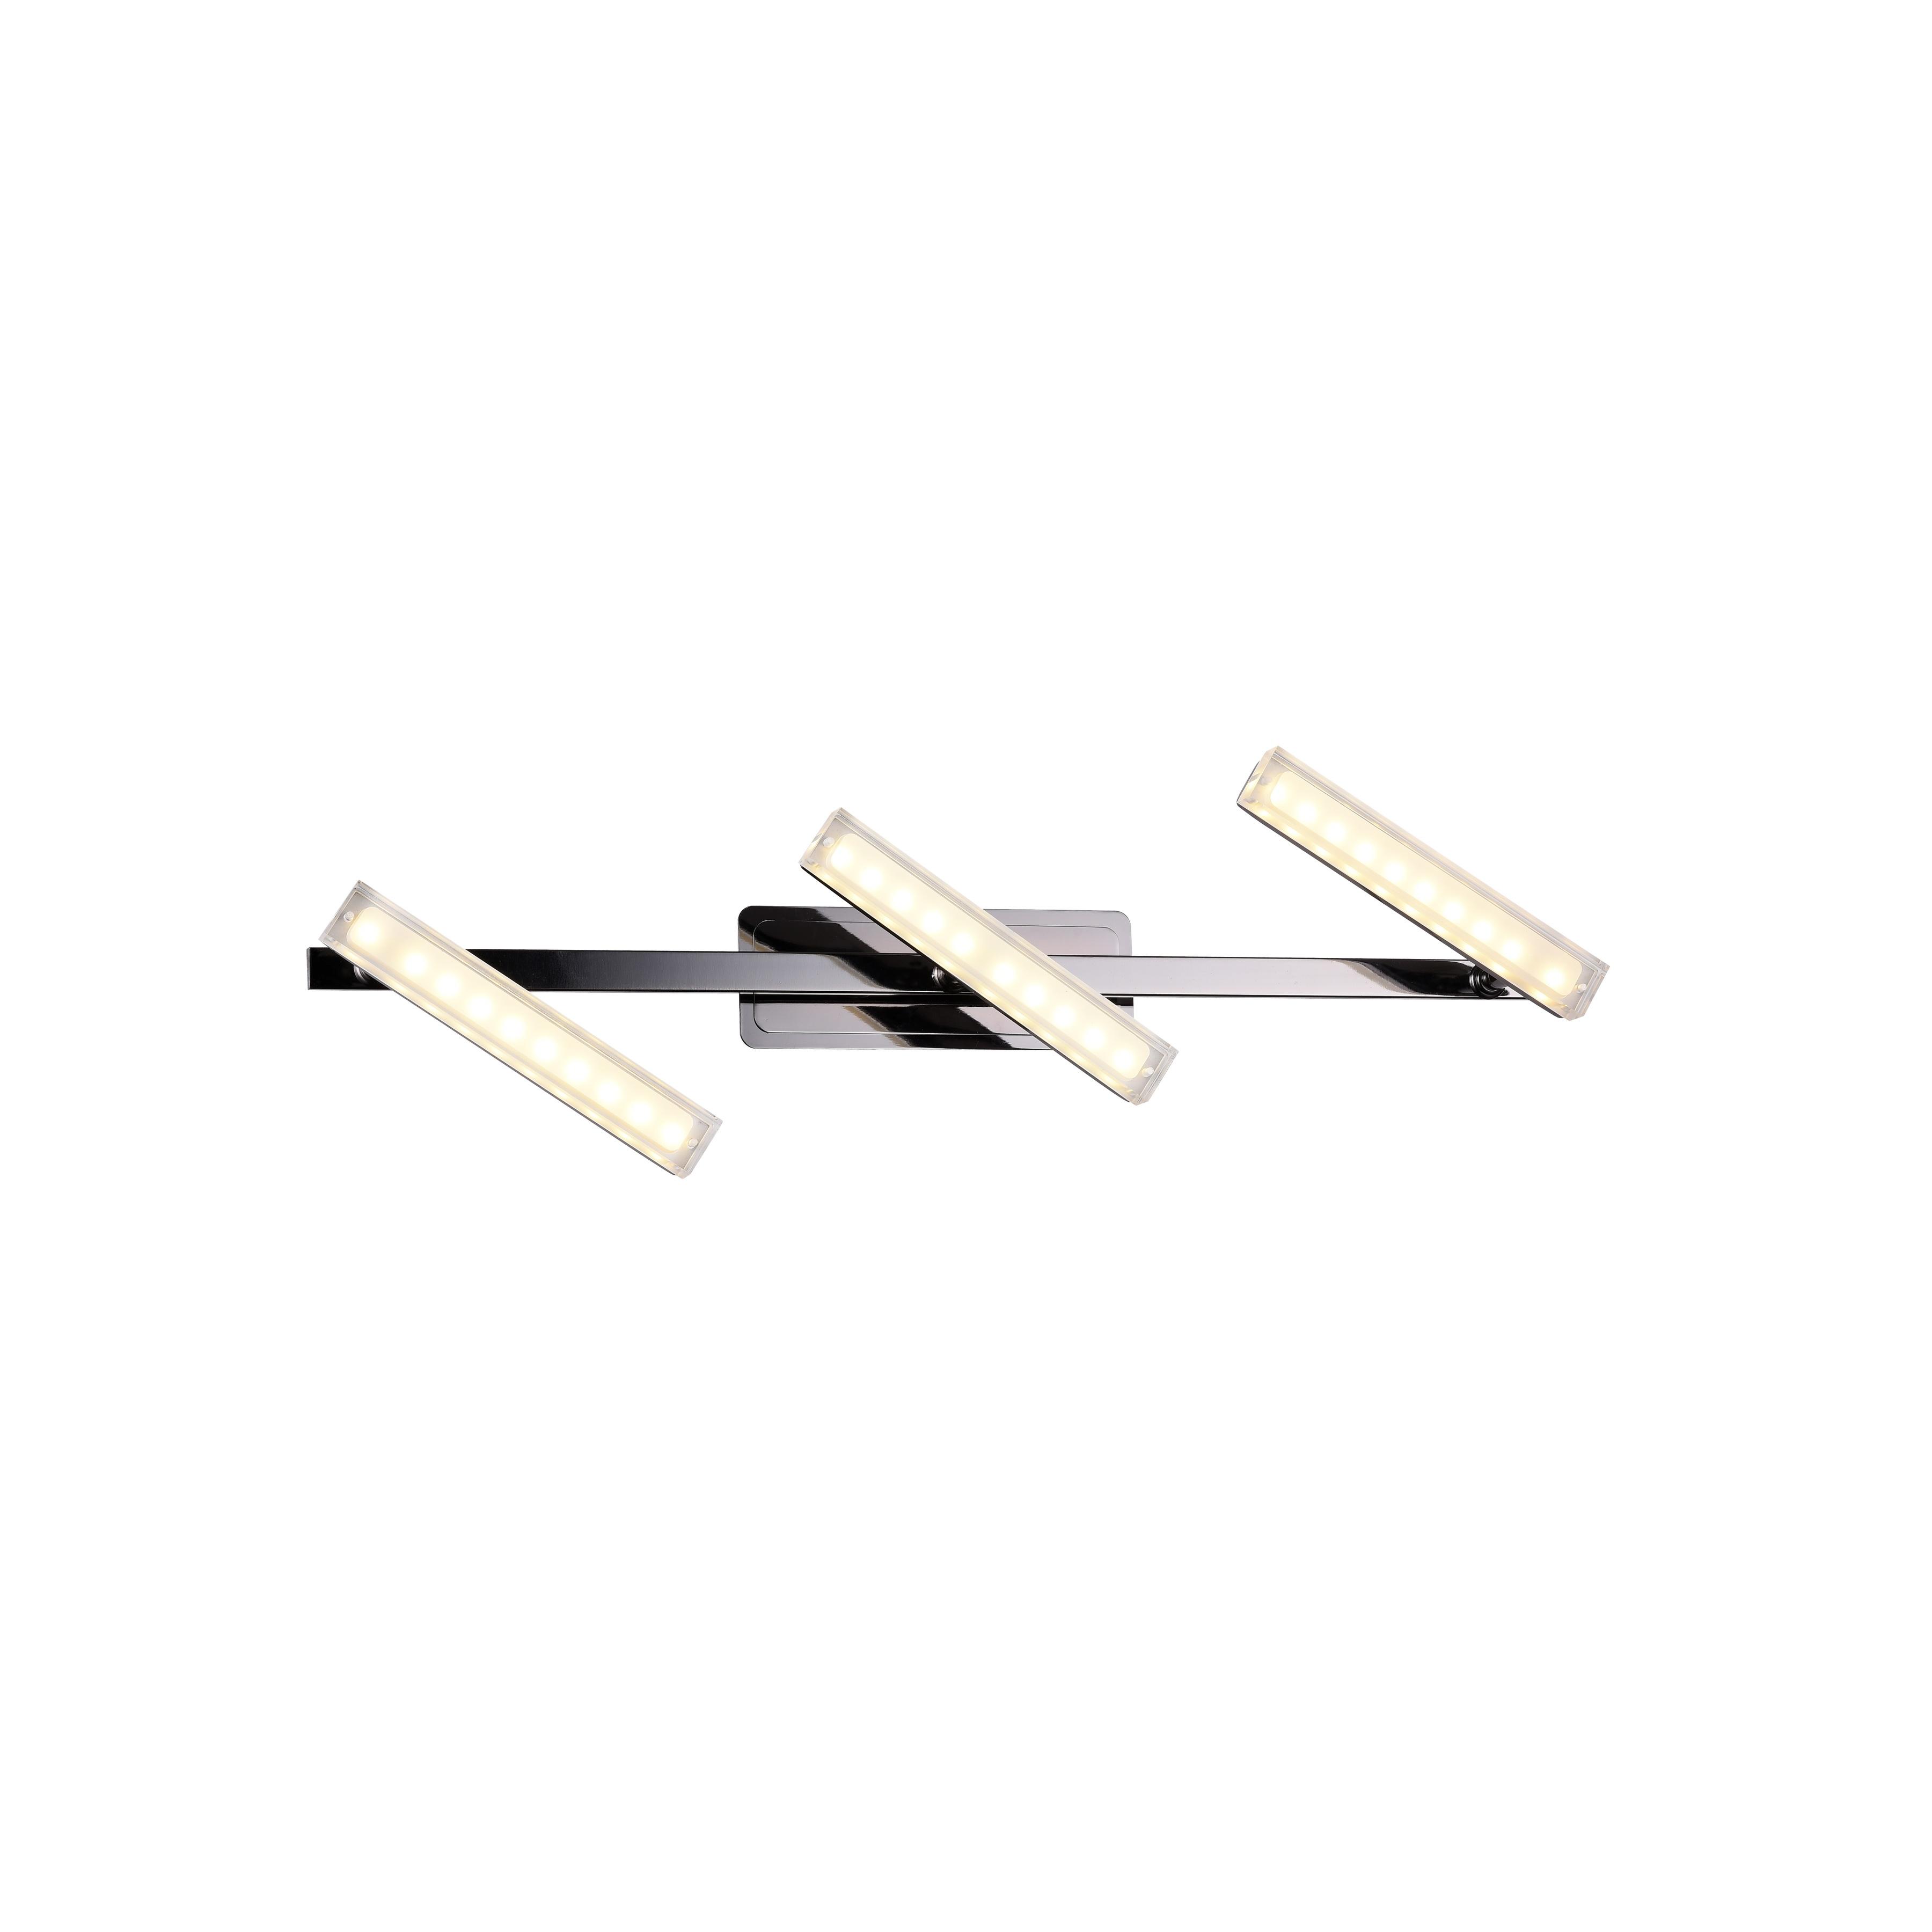 Спот RobertaСпоты<br>Светодиодный спот в стиле Хай-Тек. Спот с акриловыми плафонами со встроенной светодиодной матрицей мощностью 15 W (Эквивалент лампы накаливания 100W). Цветовая температура 3000-3200К. <br>Спот  Roberta Black снабжен шарнирным механизмом, позволяющий менять направление освещения. Спот имеет металлический выключатель на корпусе.<br>Спот поставляется в собранном виде и имеет в комплекте все необходимые для монтажа крепежные элементы.&amp;lt;div&amp;gt;&amp;lt;br&amp;gt;&amp;lt;/div&amp;gt;&amp;lt;div&amp;gt;&amp;lt;div&amp;gt;Цоколь: LED&amp;lt;/div&amp;gt;&amp;lt;div&amp;gt;Мощность лампы: 15W&amp;lt;/div&amp;gt;&amp;lt;div&amp;gt;Количество ламп: 3&amp;lt;/div&amp;gt;&amp;lt;/div&amp;gt;<br><br>Material: Металл<br>Ширина см: 64<br>Высота см: 11<br>Глубина см: 11